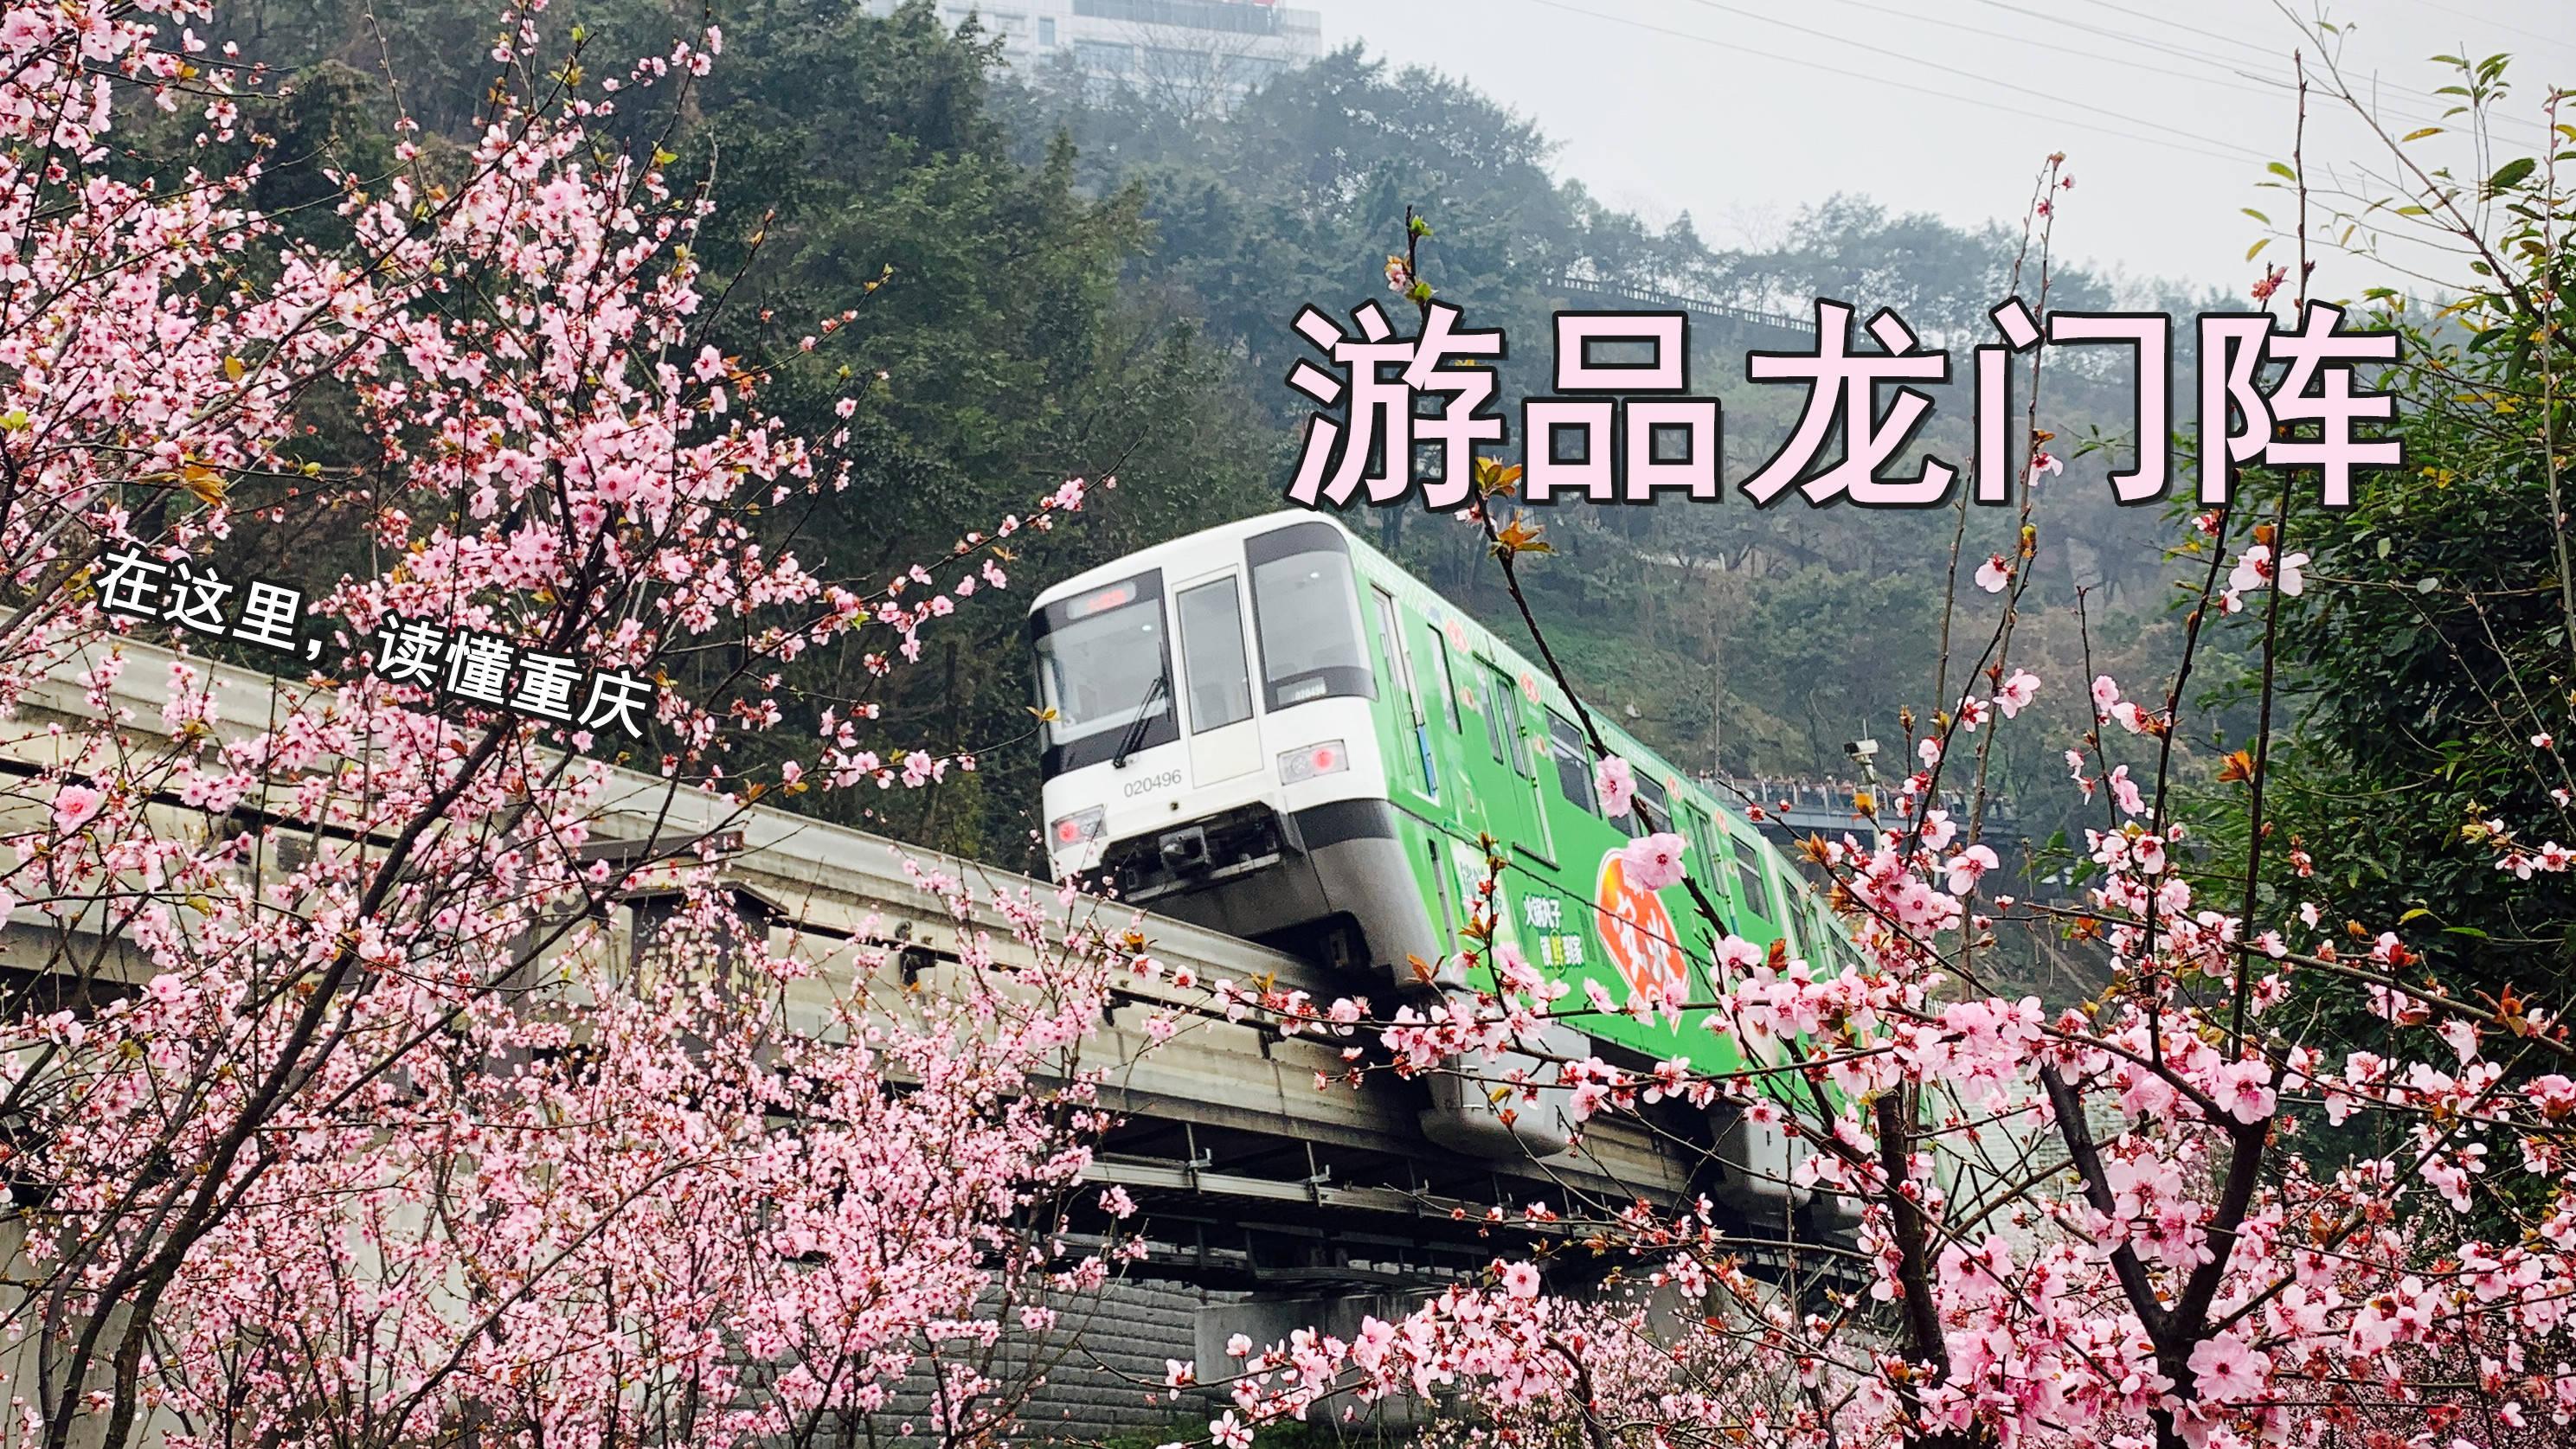 重庆一周大事件:3月起车辆限行,鼓励发展乡村民宿,公租房现状